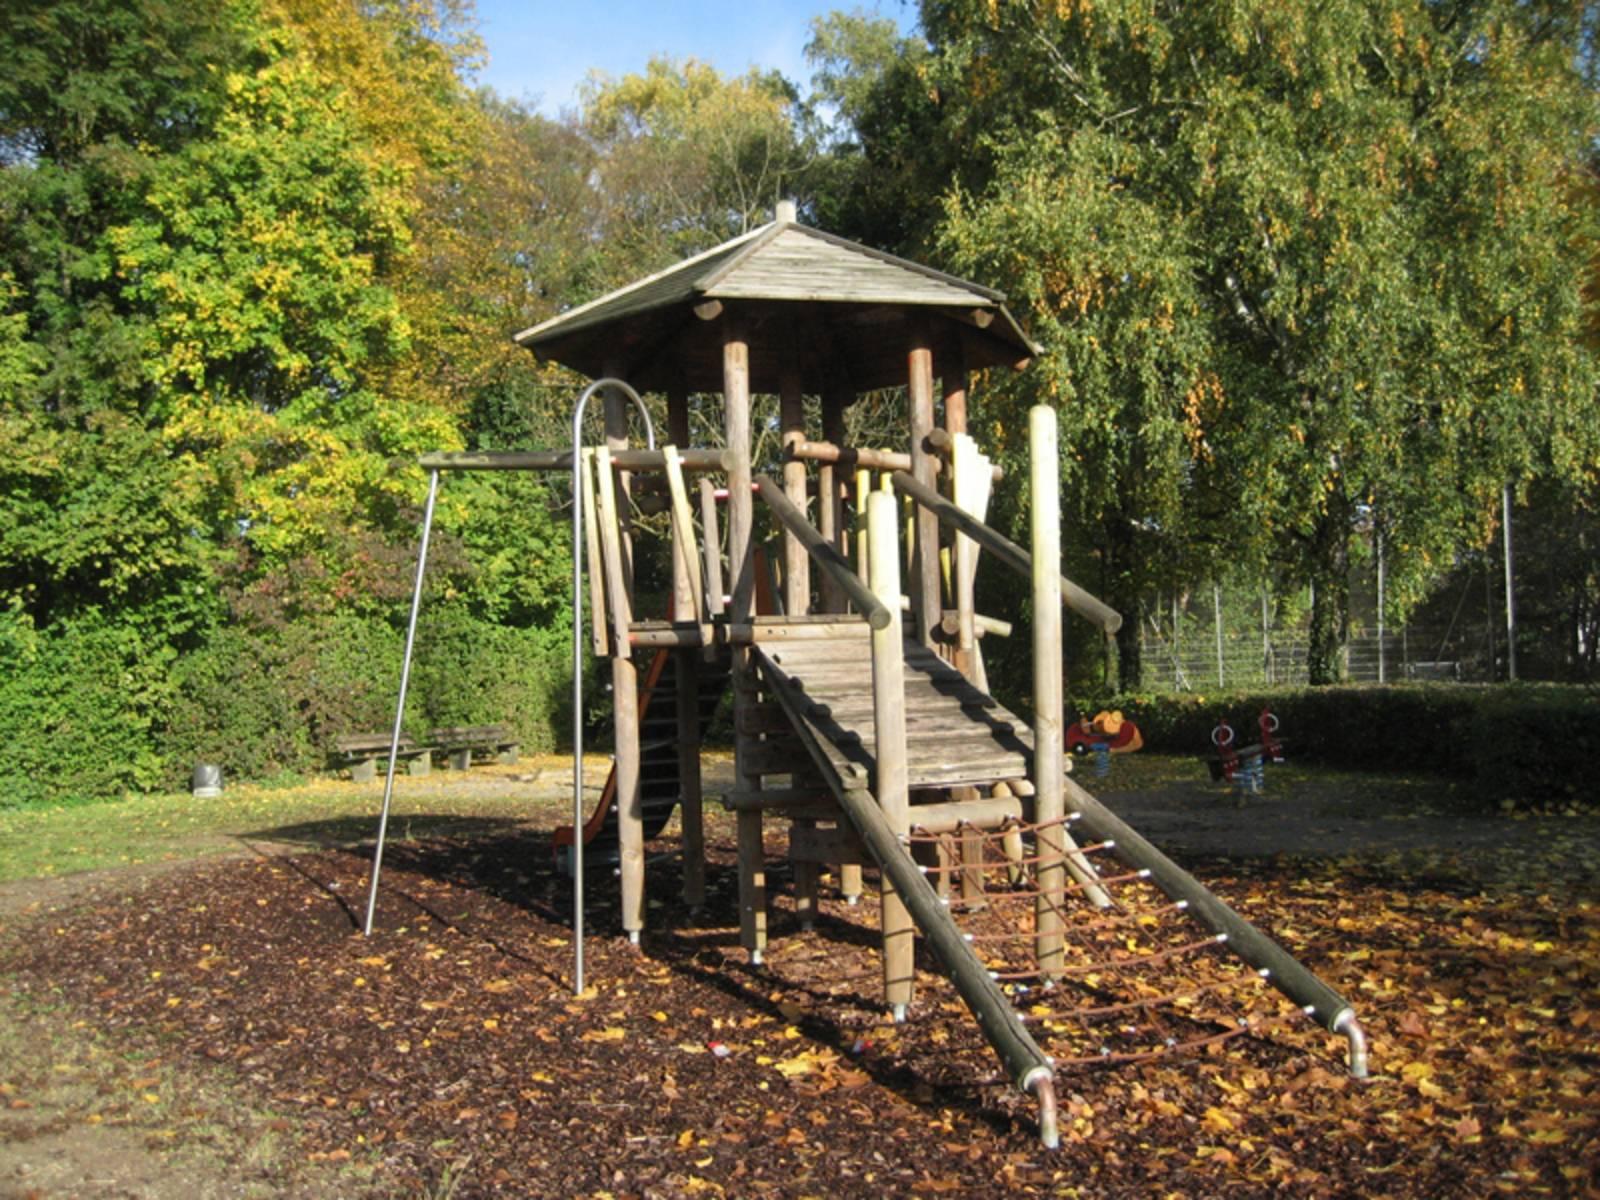 Holzhaus mit Rutsche und Klettermöglichkeit auf dem Spielplatz Emscherweg/Stiller Winkel